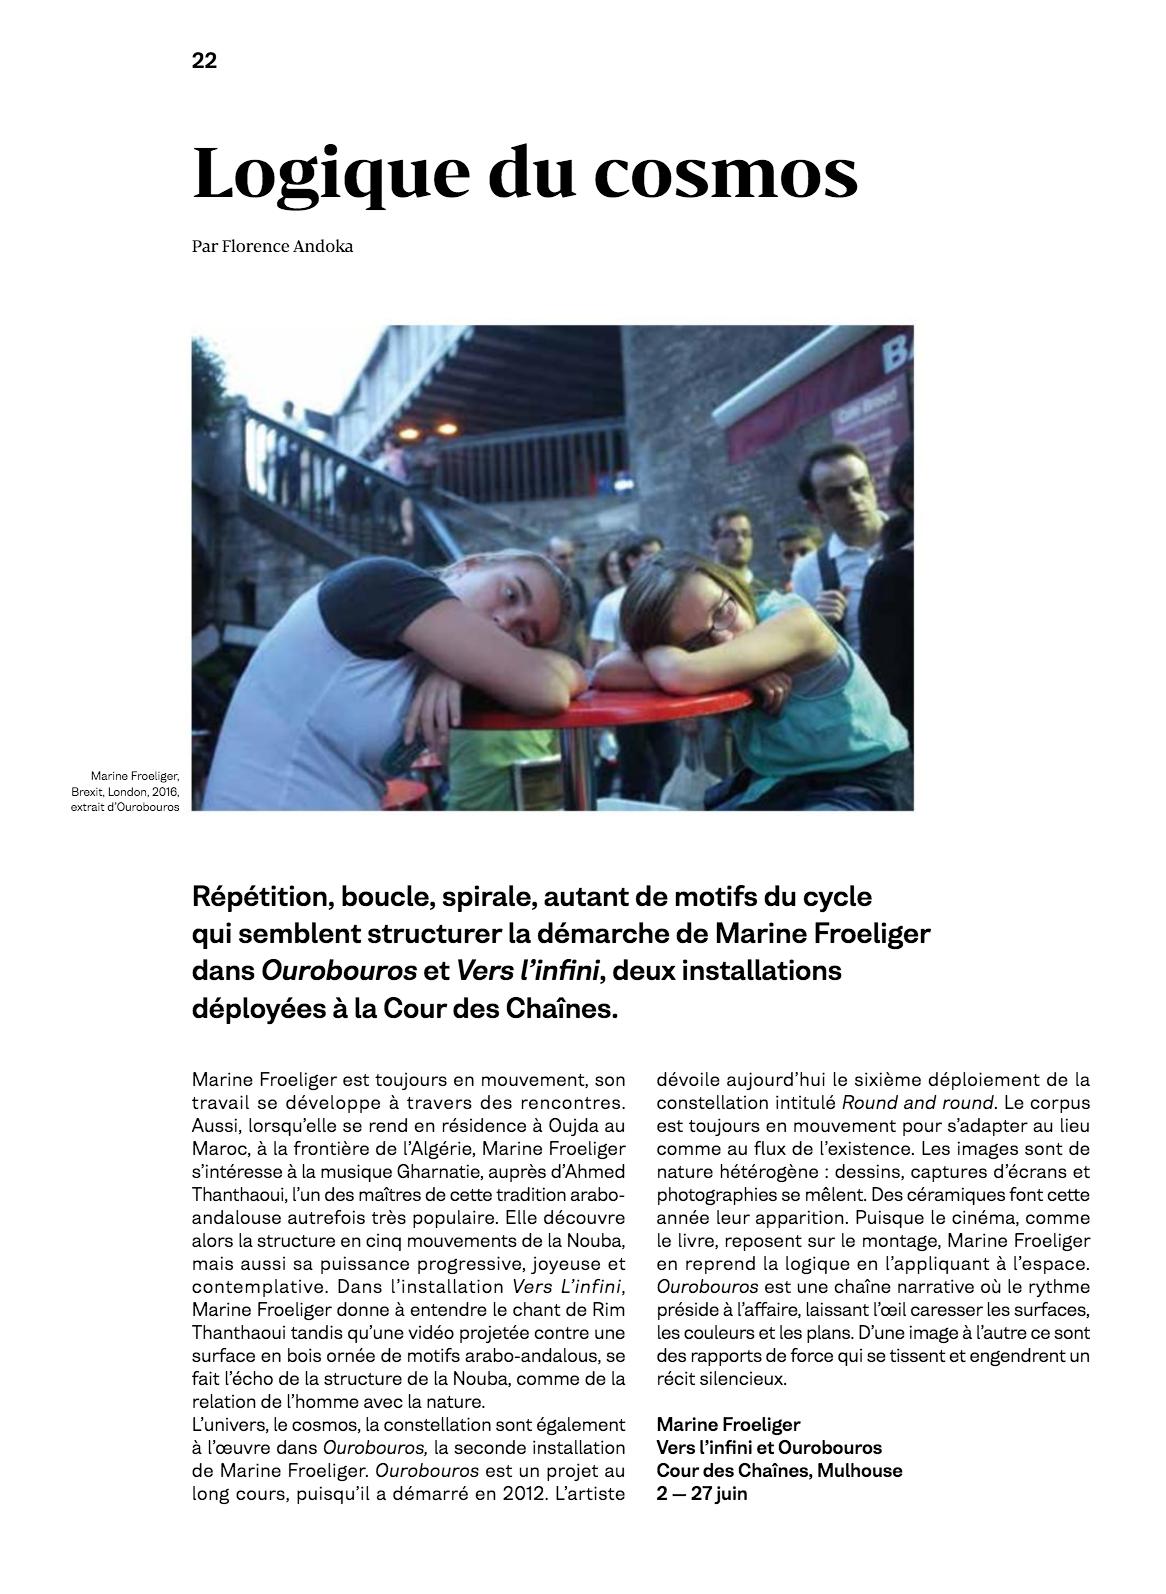 article extrait du NOVO hors-série n°5 consacré à la Biennale de la Photographie de Mulhouse, 2018